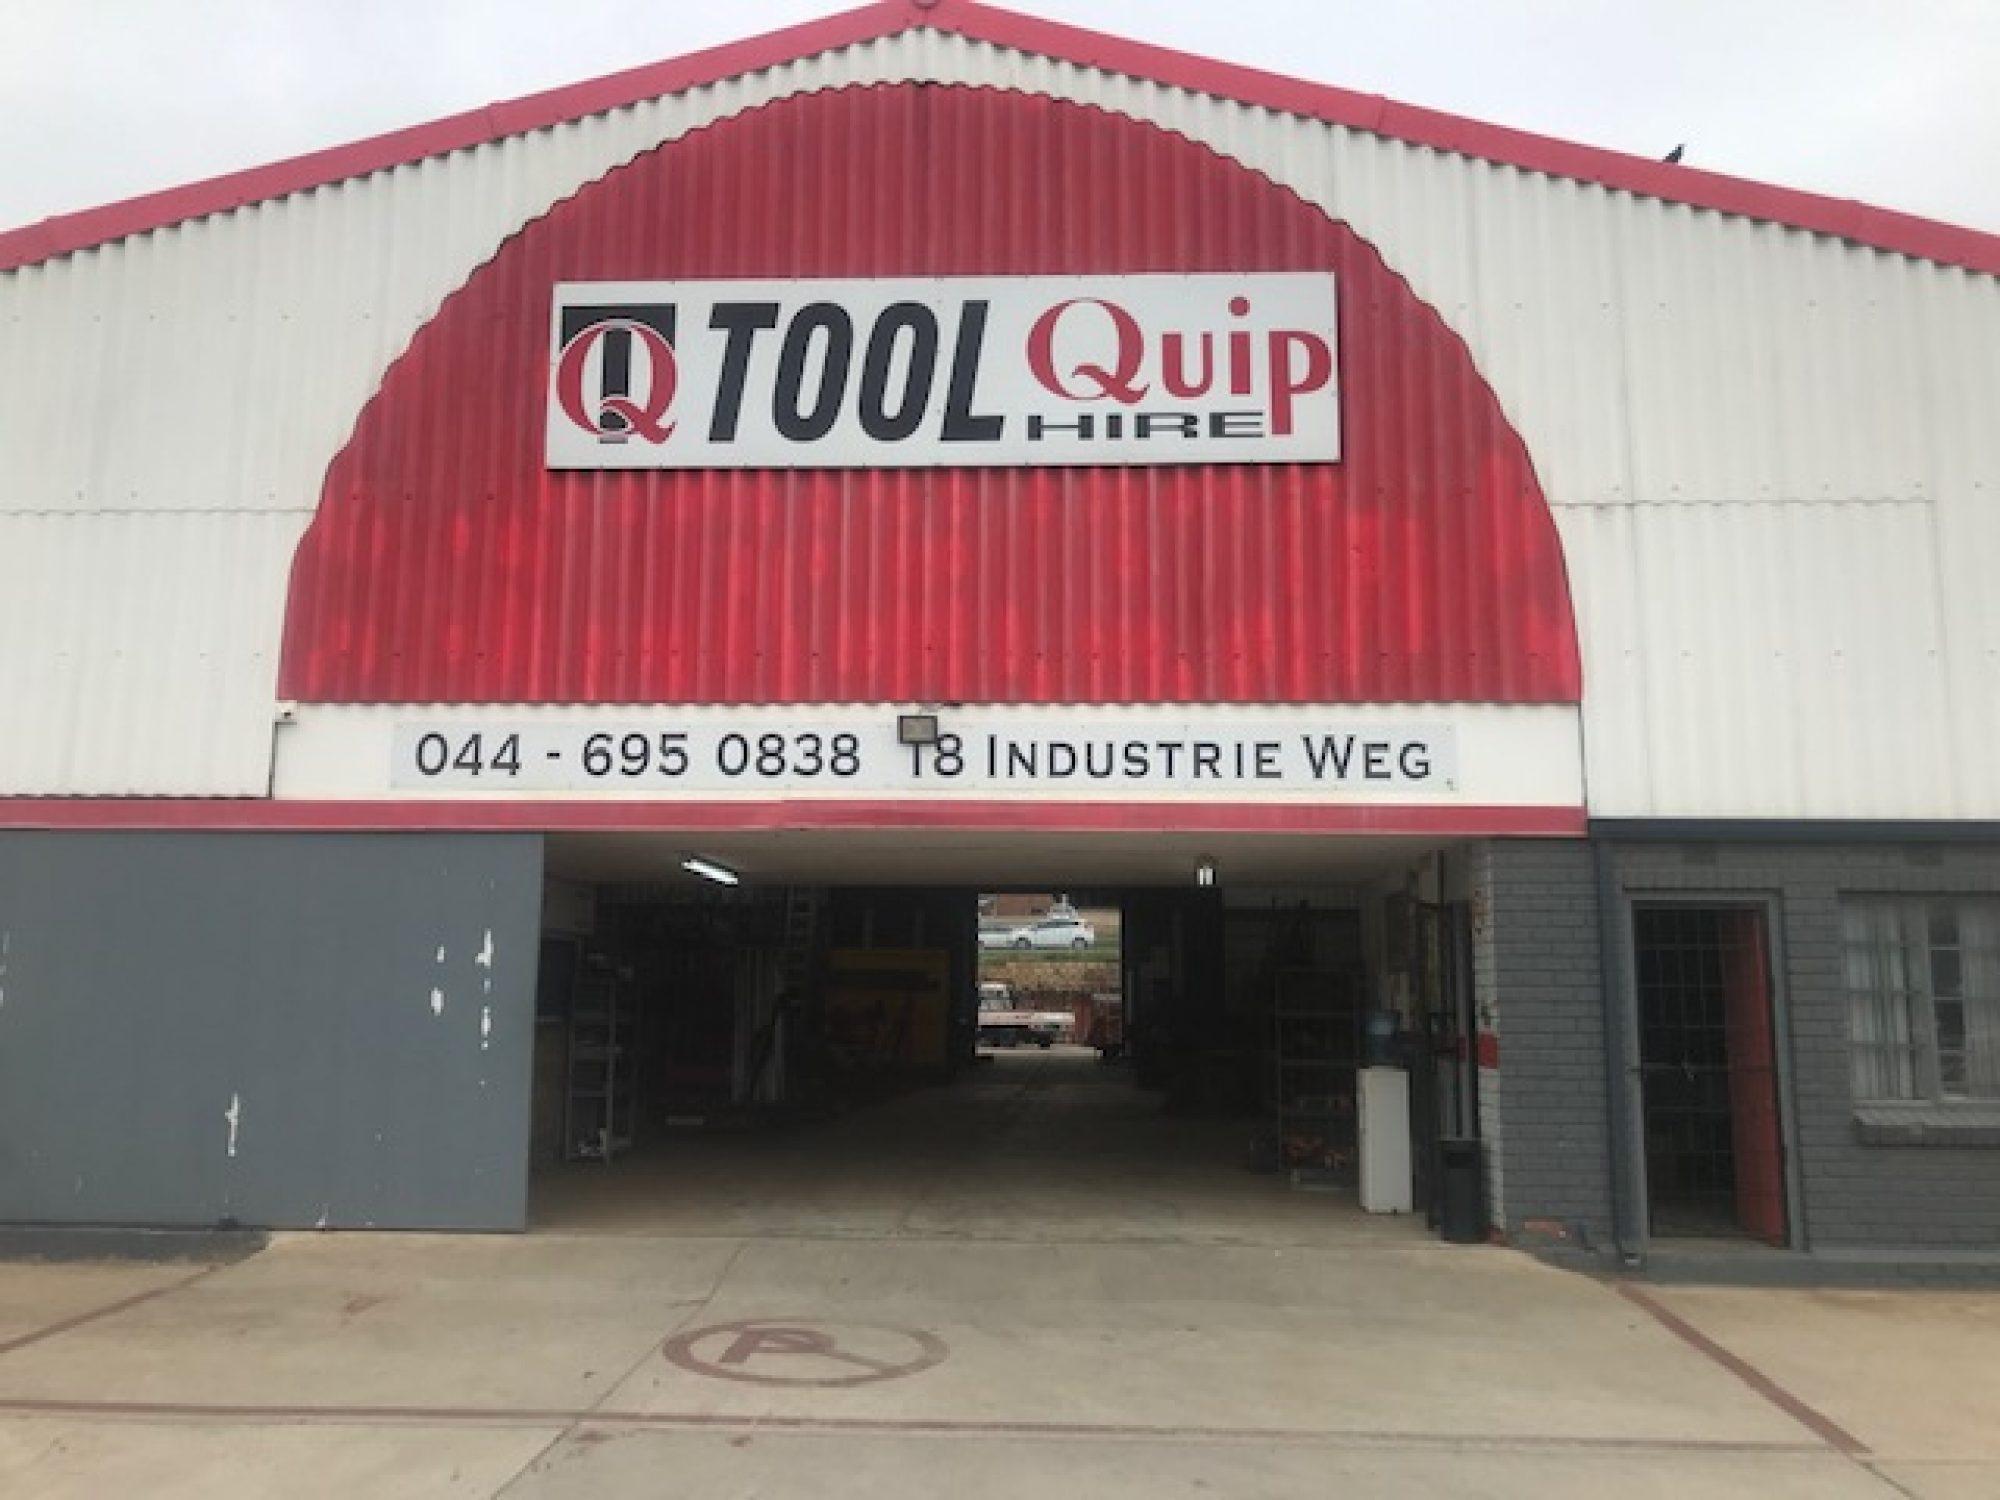 Tool Quip Hire